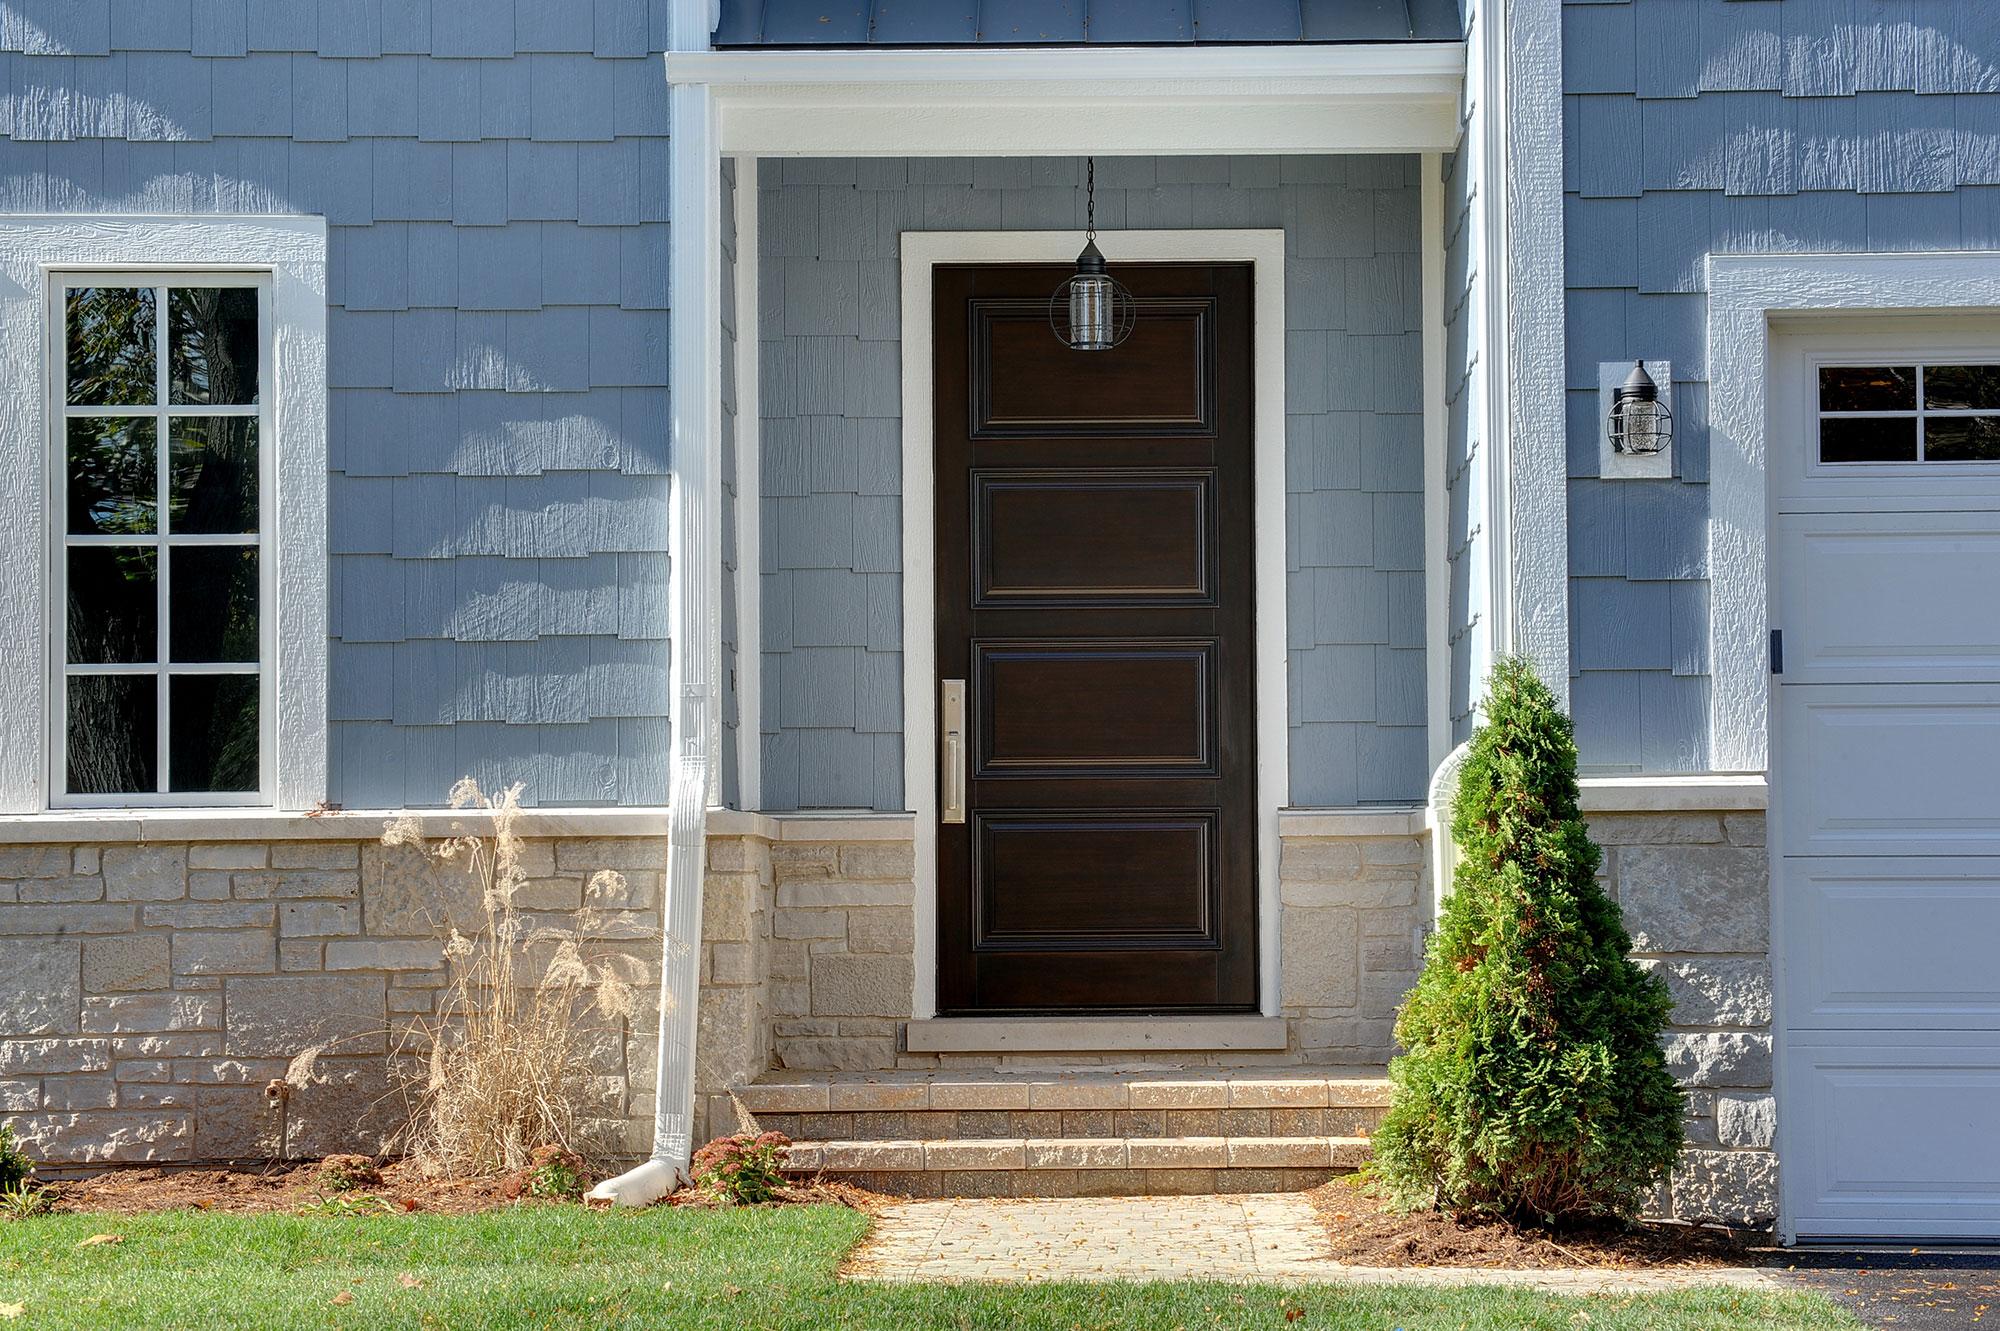 1206 Raleigh Glenview   Front Entry Door   Globex Developments Custom  Homes. Front Entry Door #7471206 Raleigh